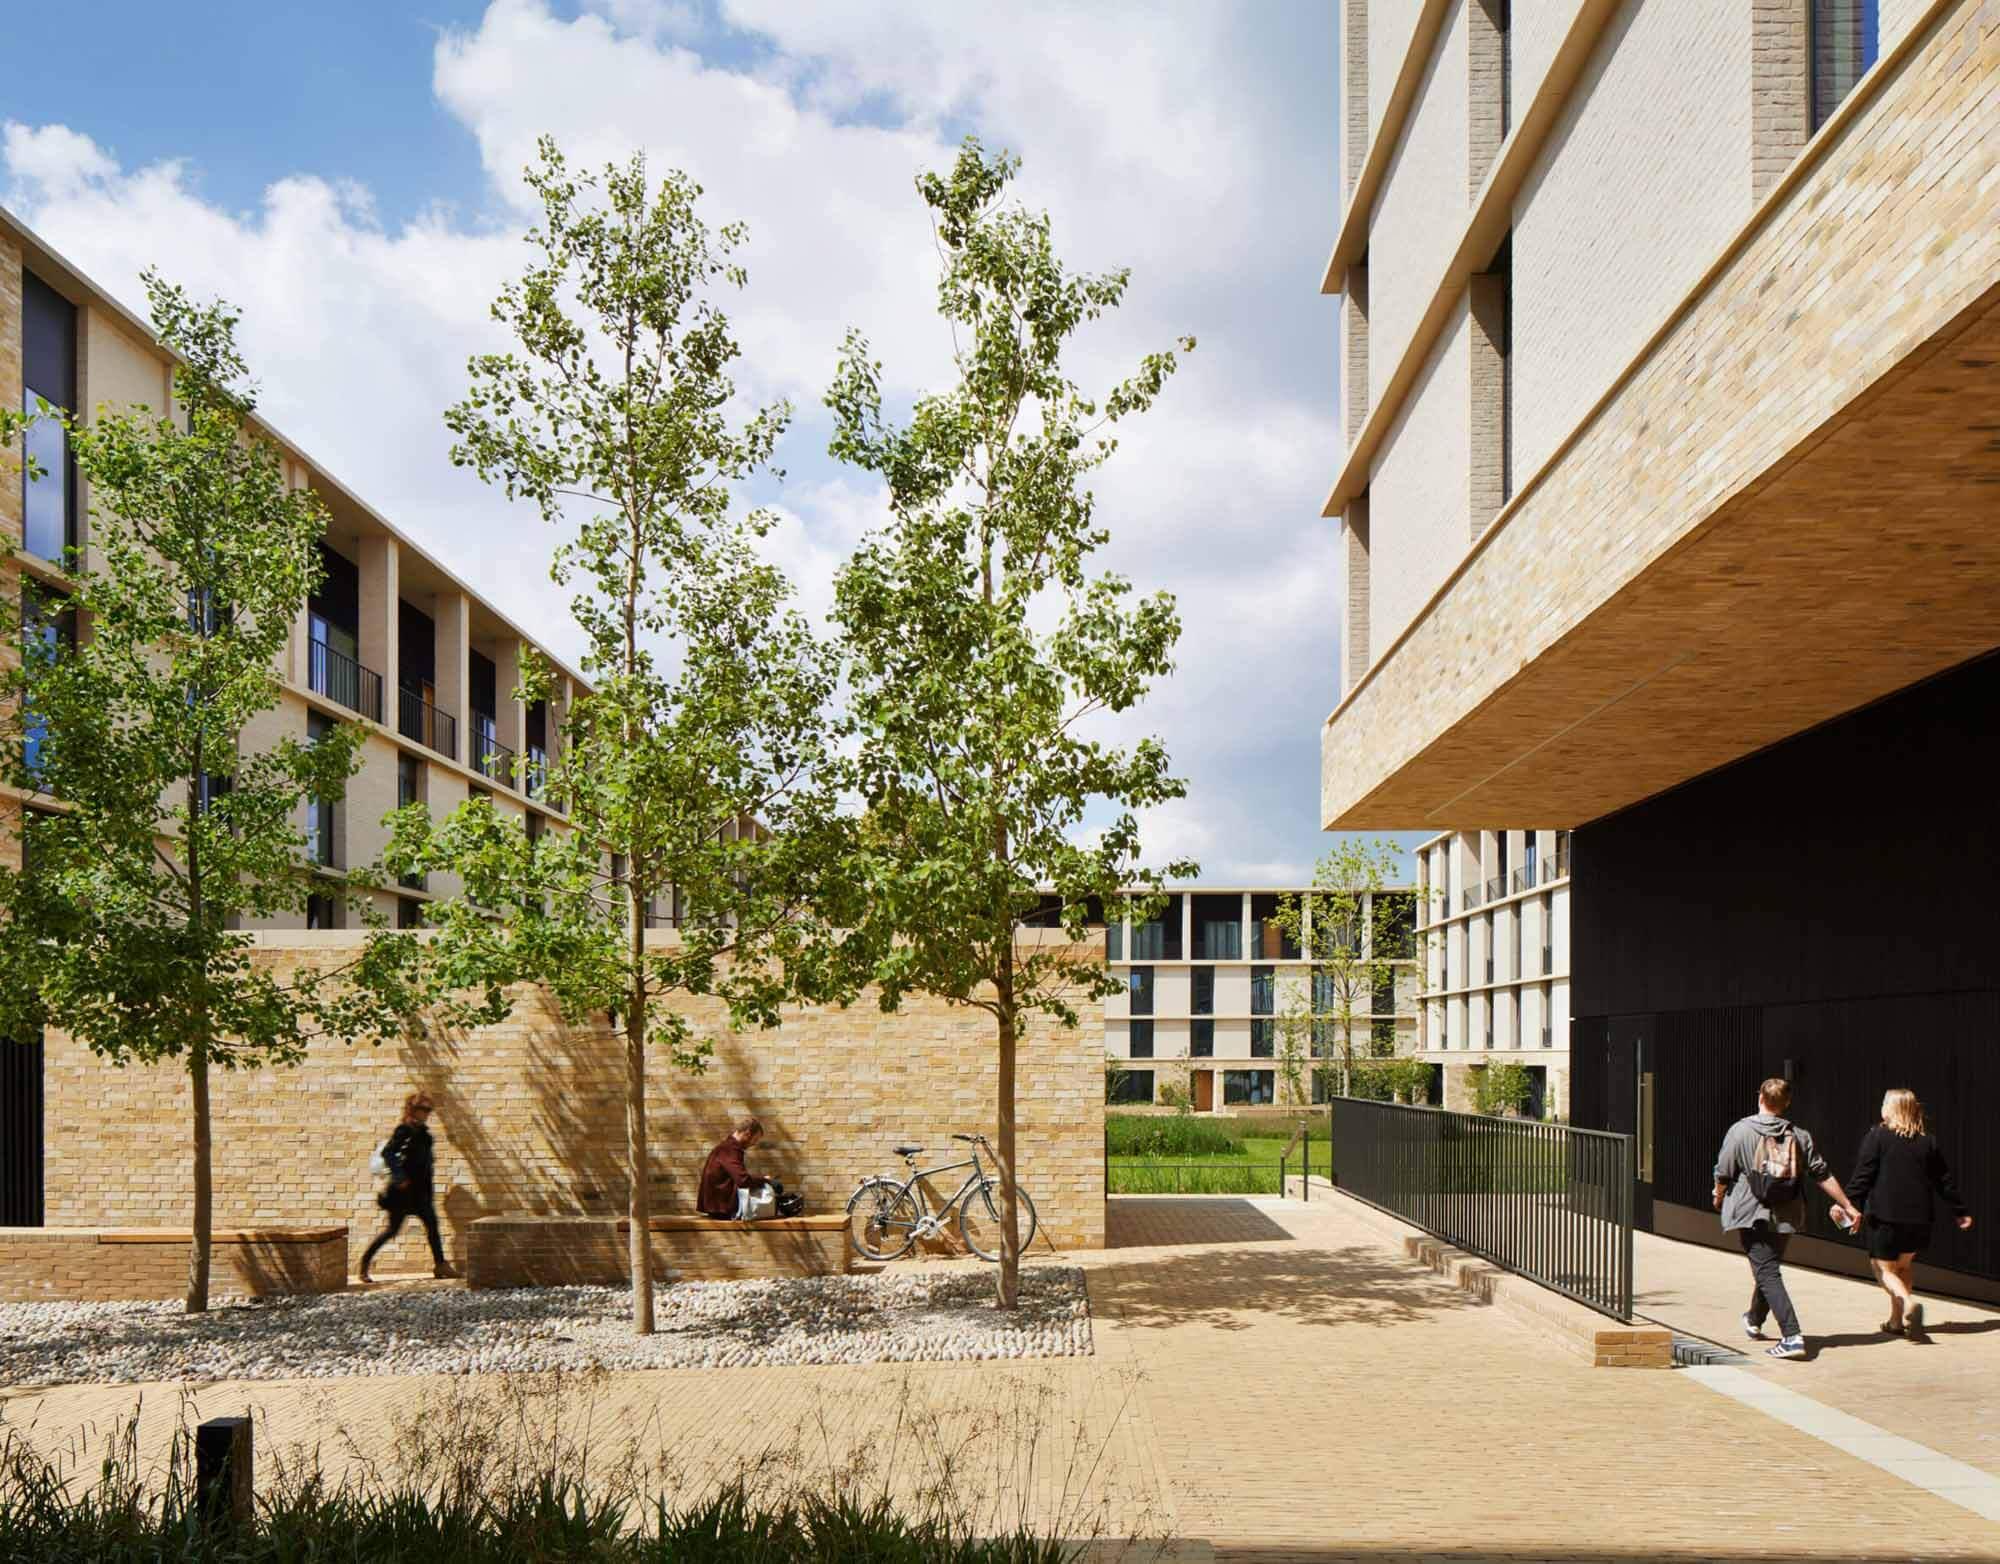 Стэнтон Уильямс создает жилье для ключевых сотрудников в Кембридже